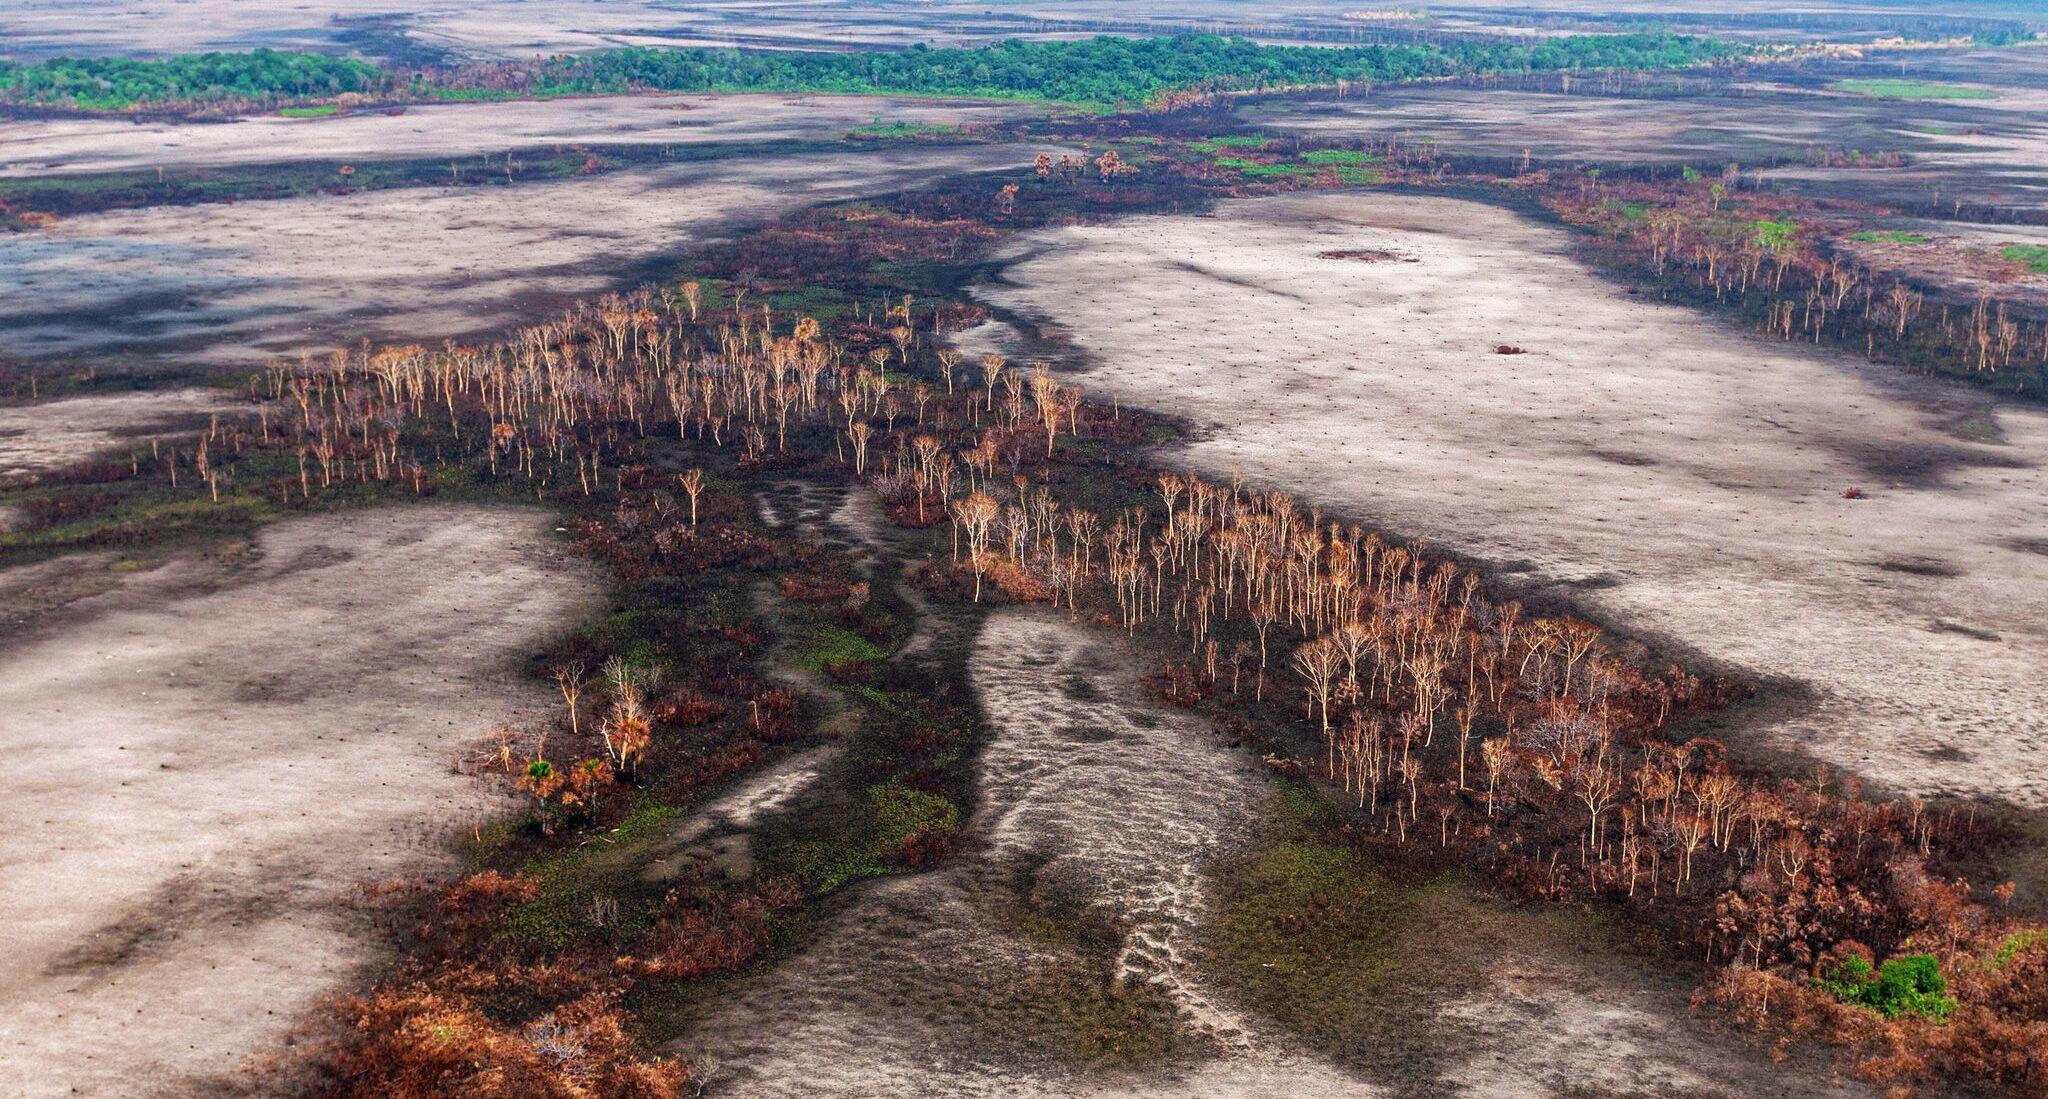 Imagem aérea mostra desmatamento na Floresta Amazônica, em 29 de agosto de 2019